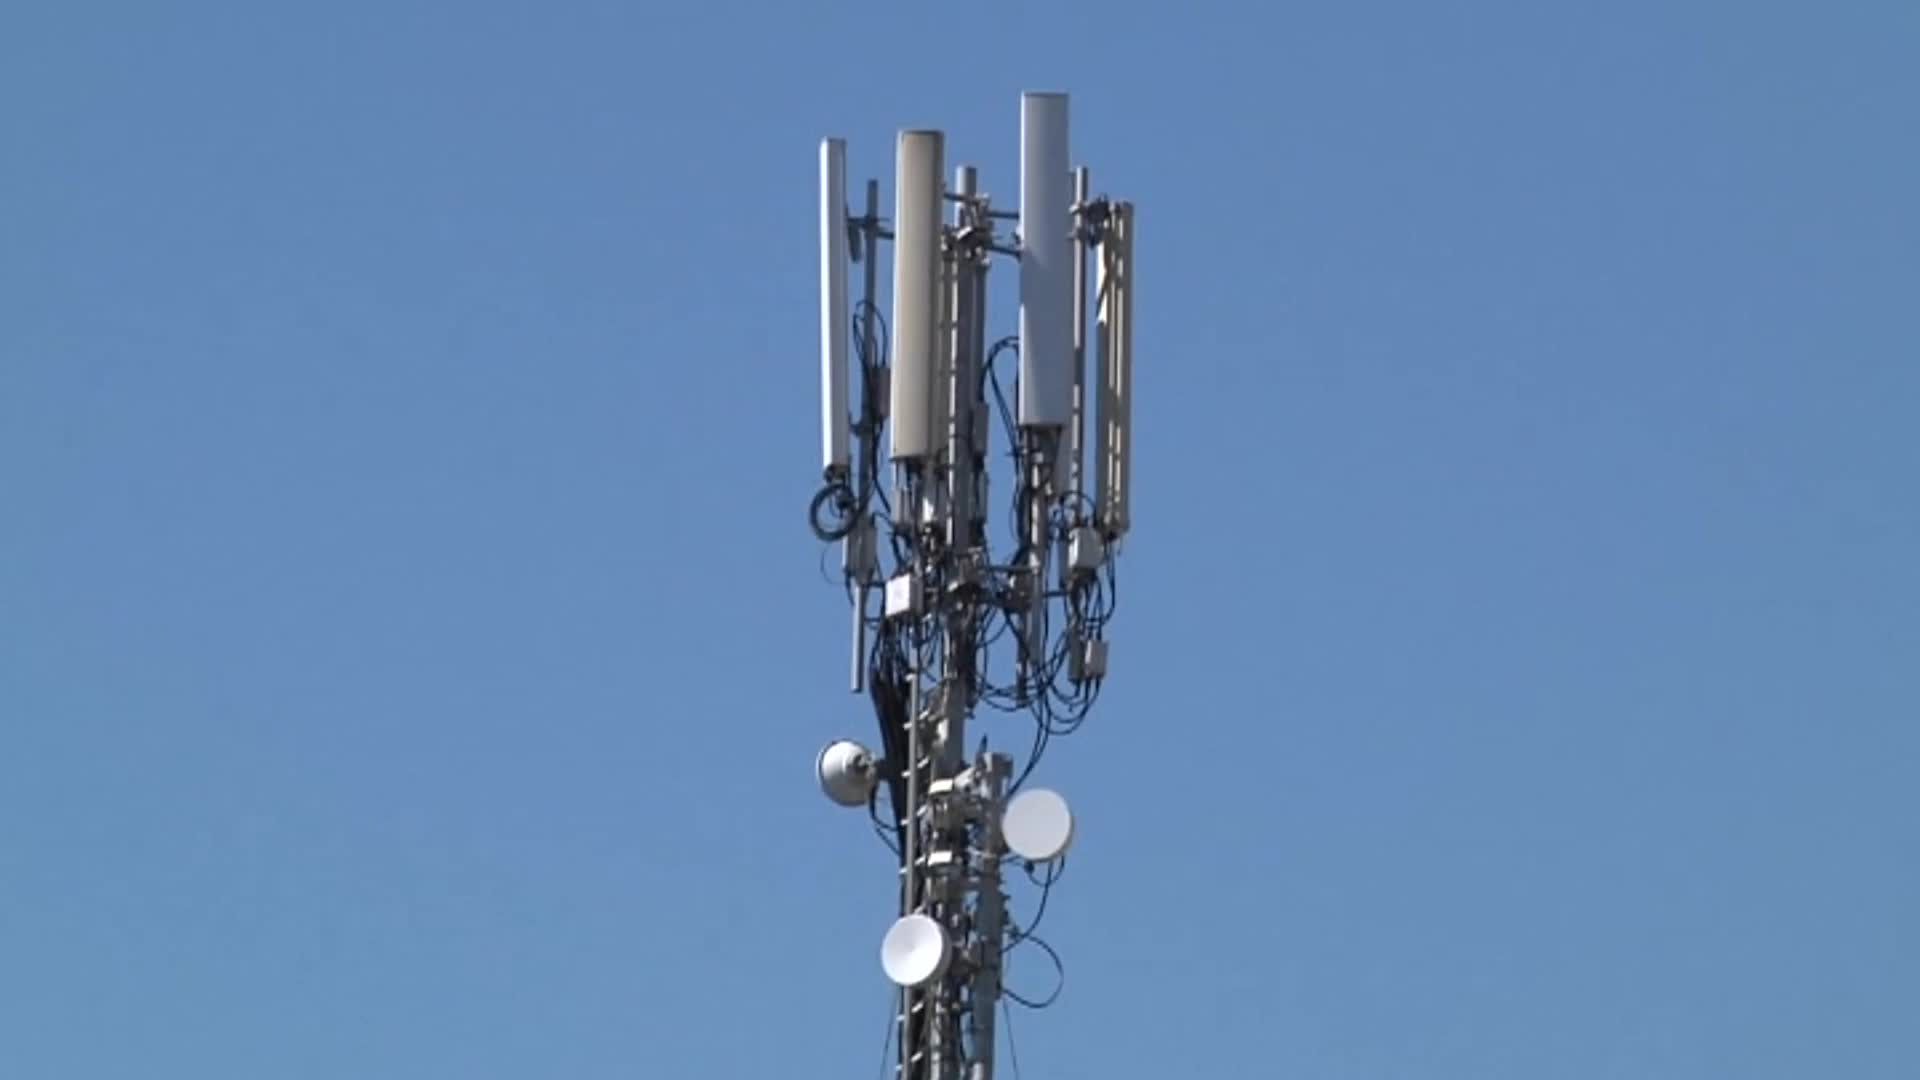 Antenne 5G a Fiumicino